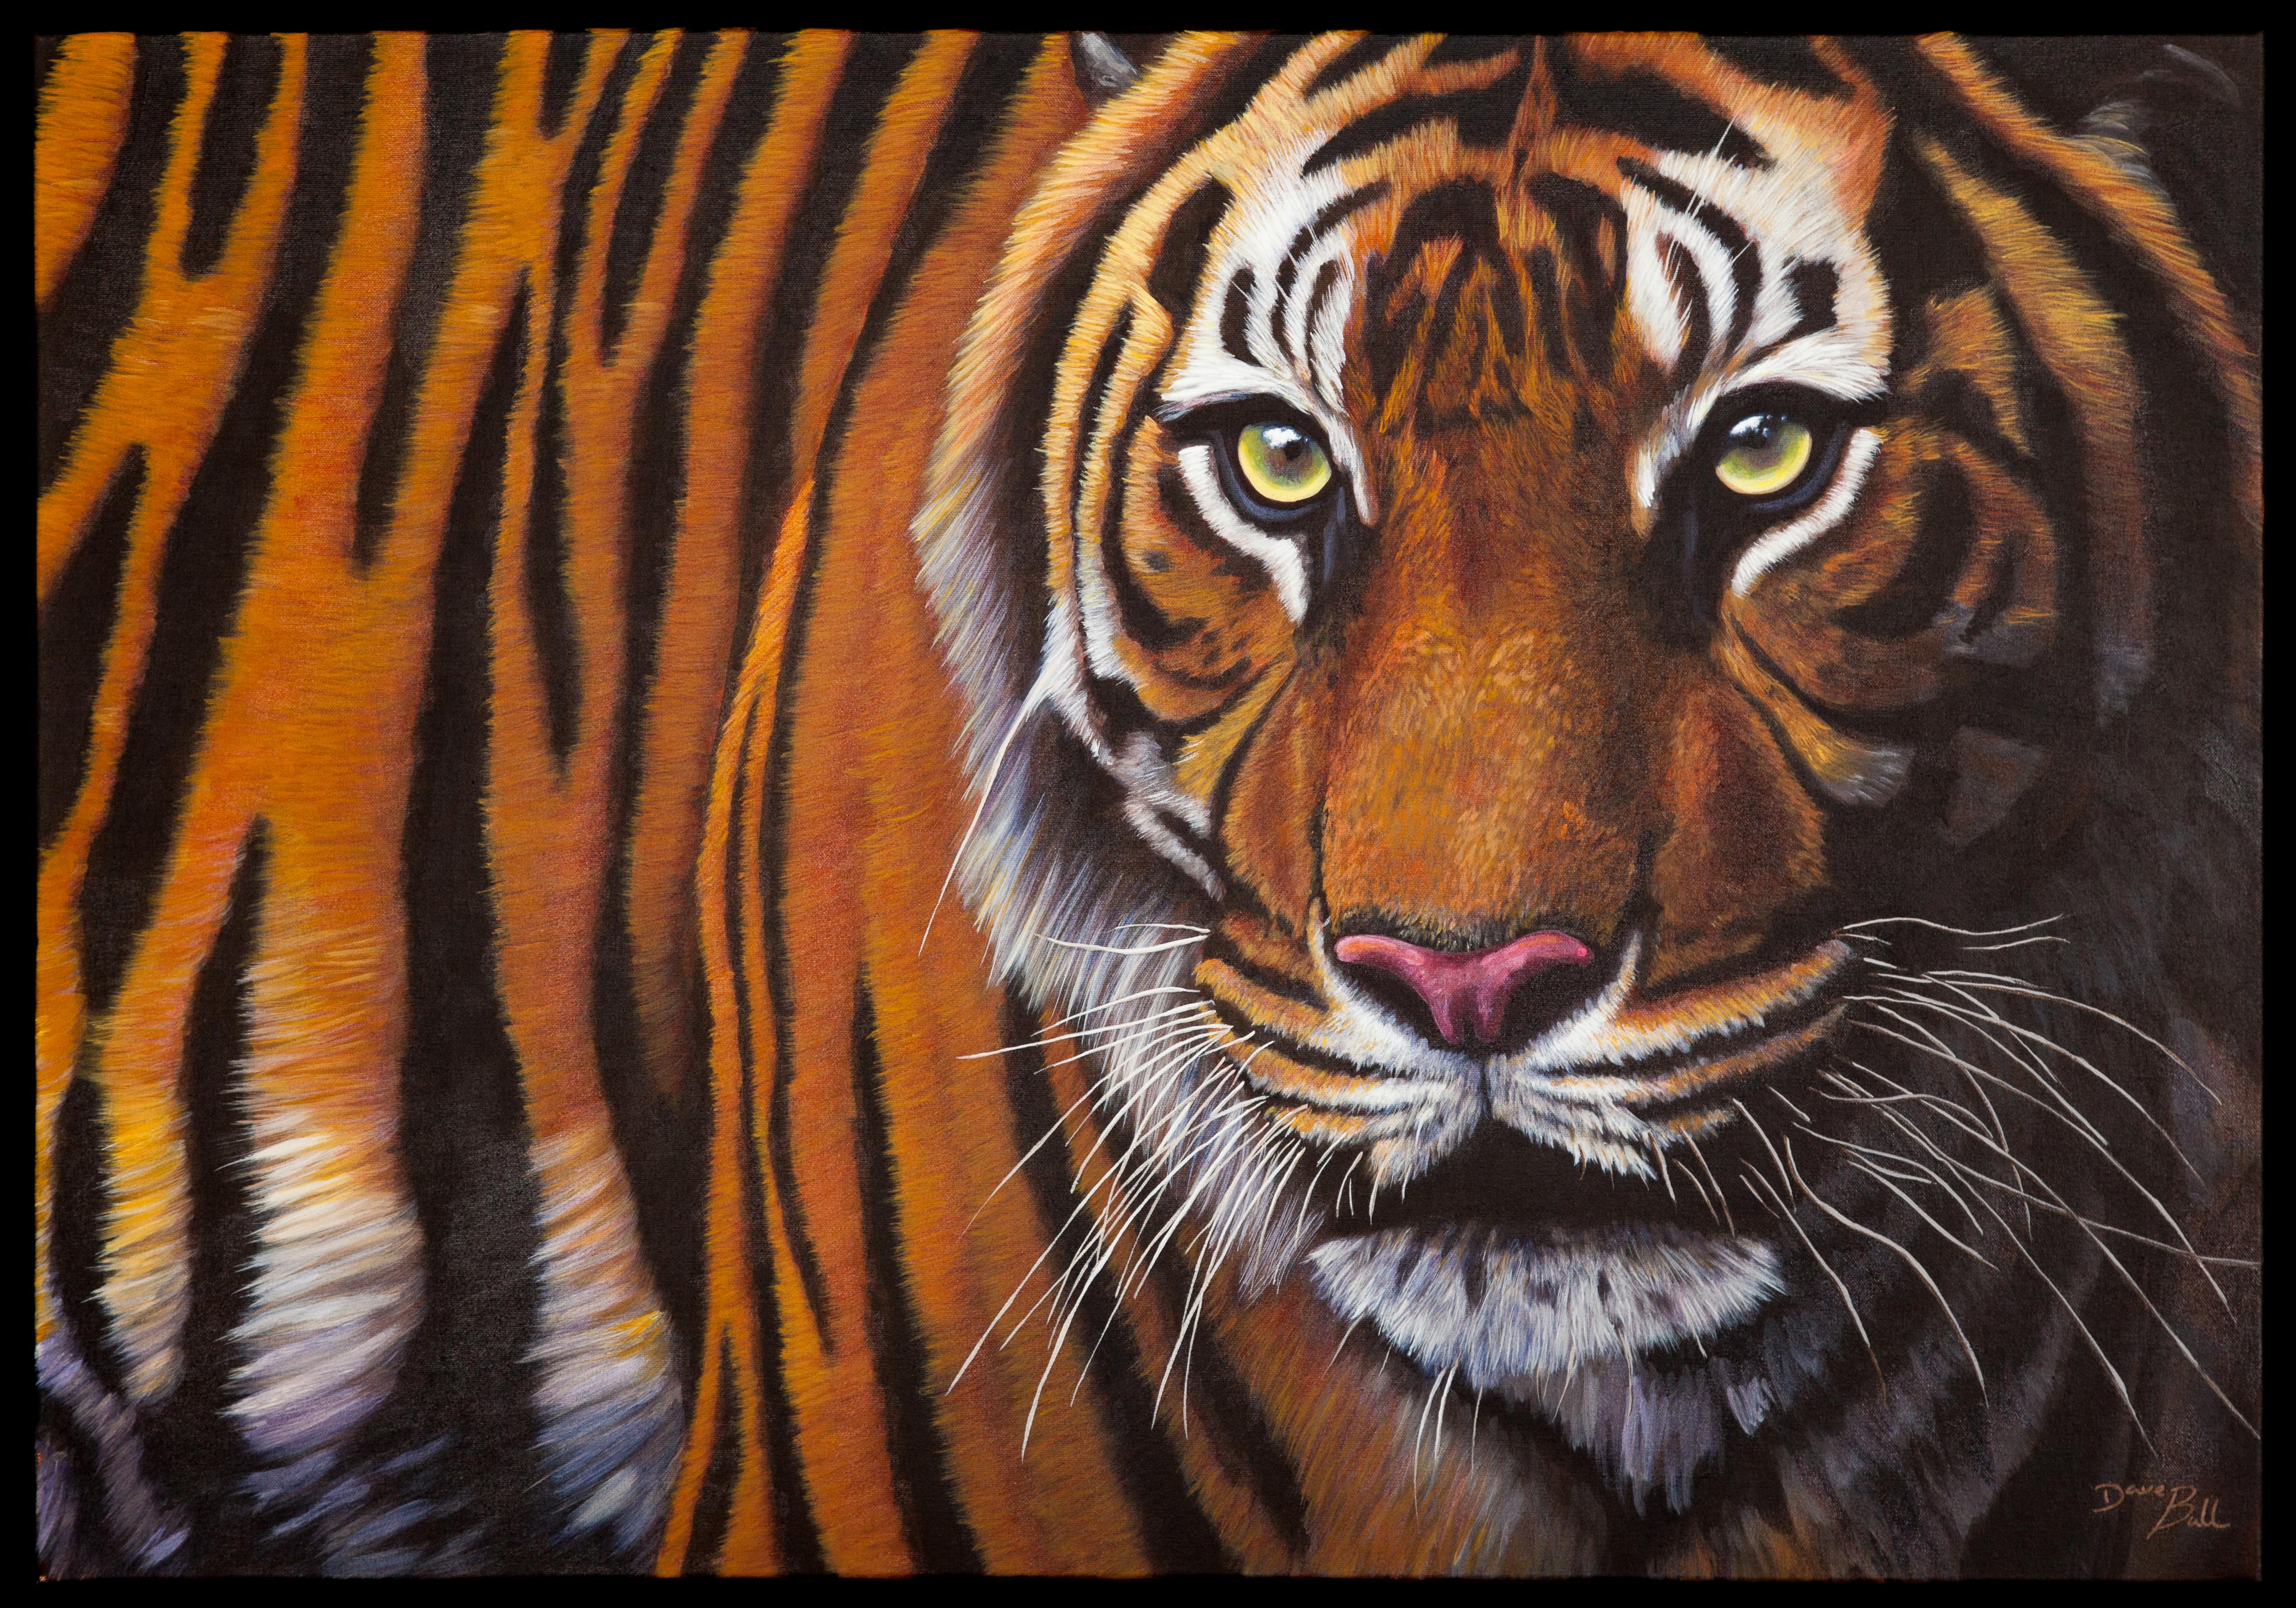 Tiger 100 x 70 cm SOLD